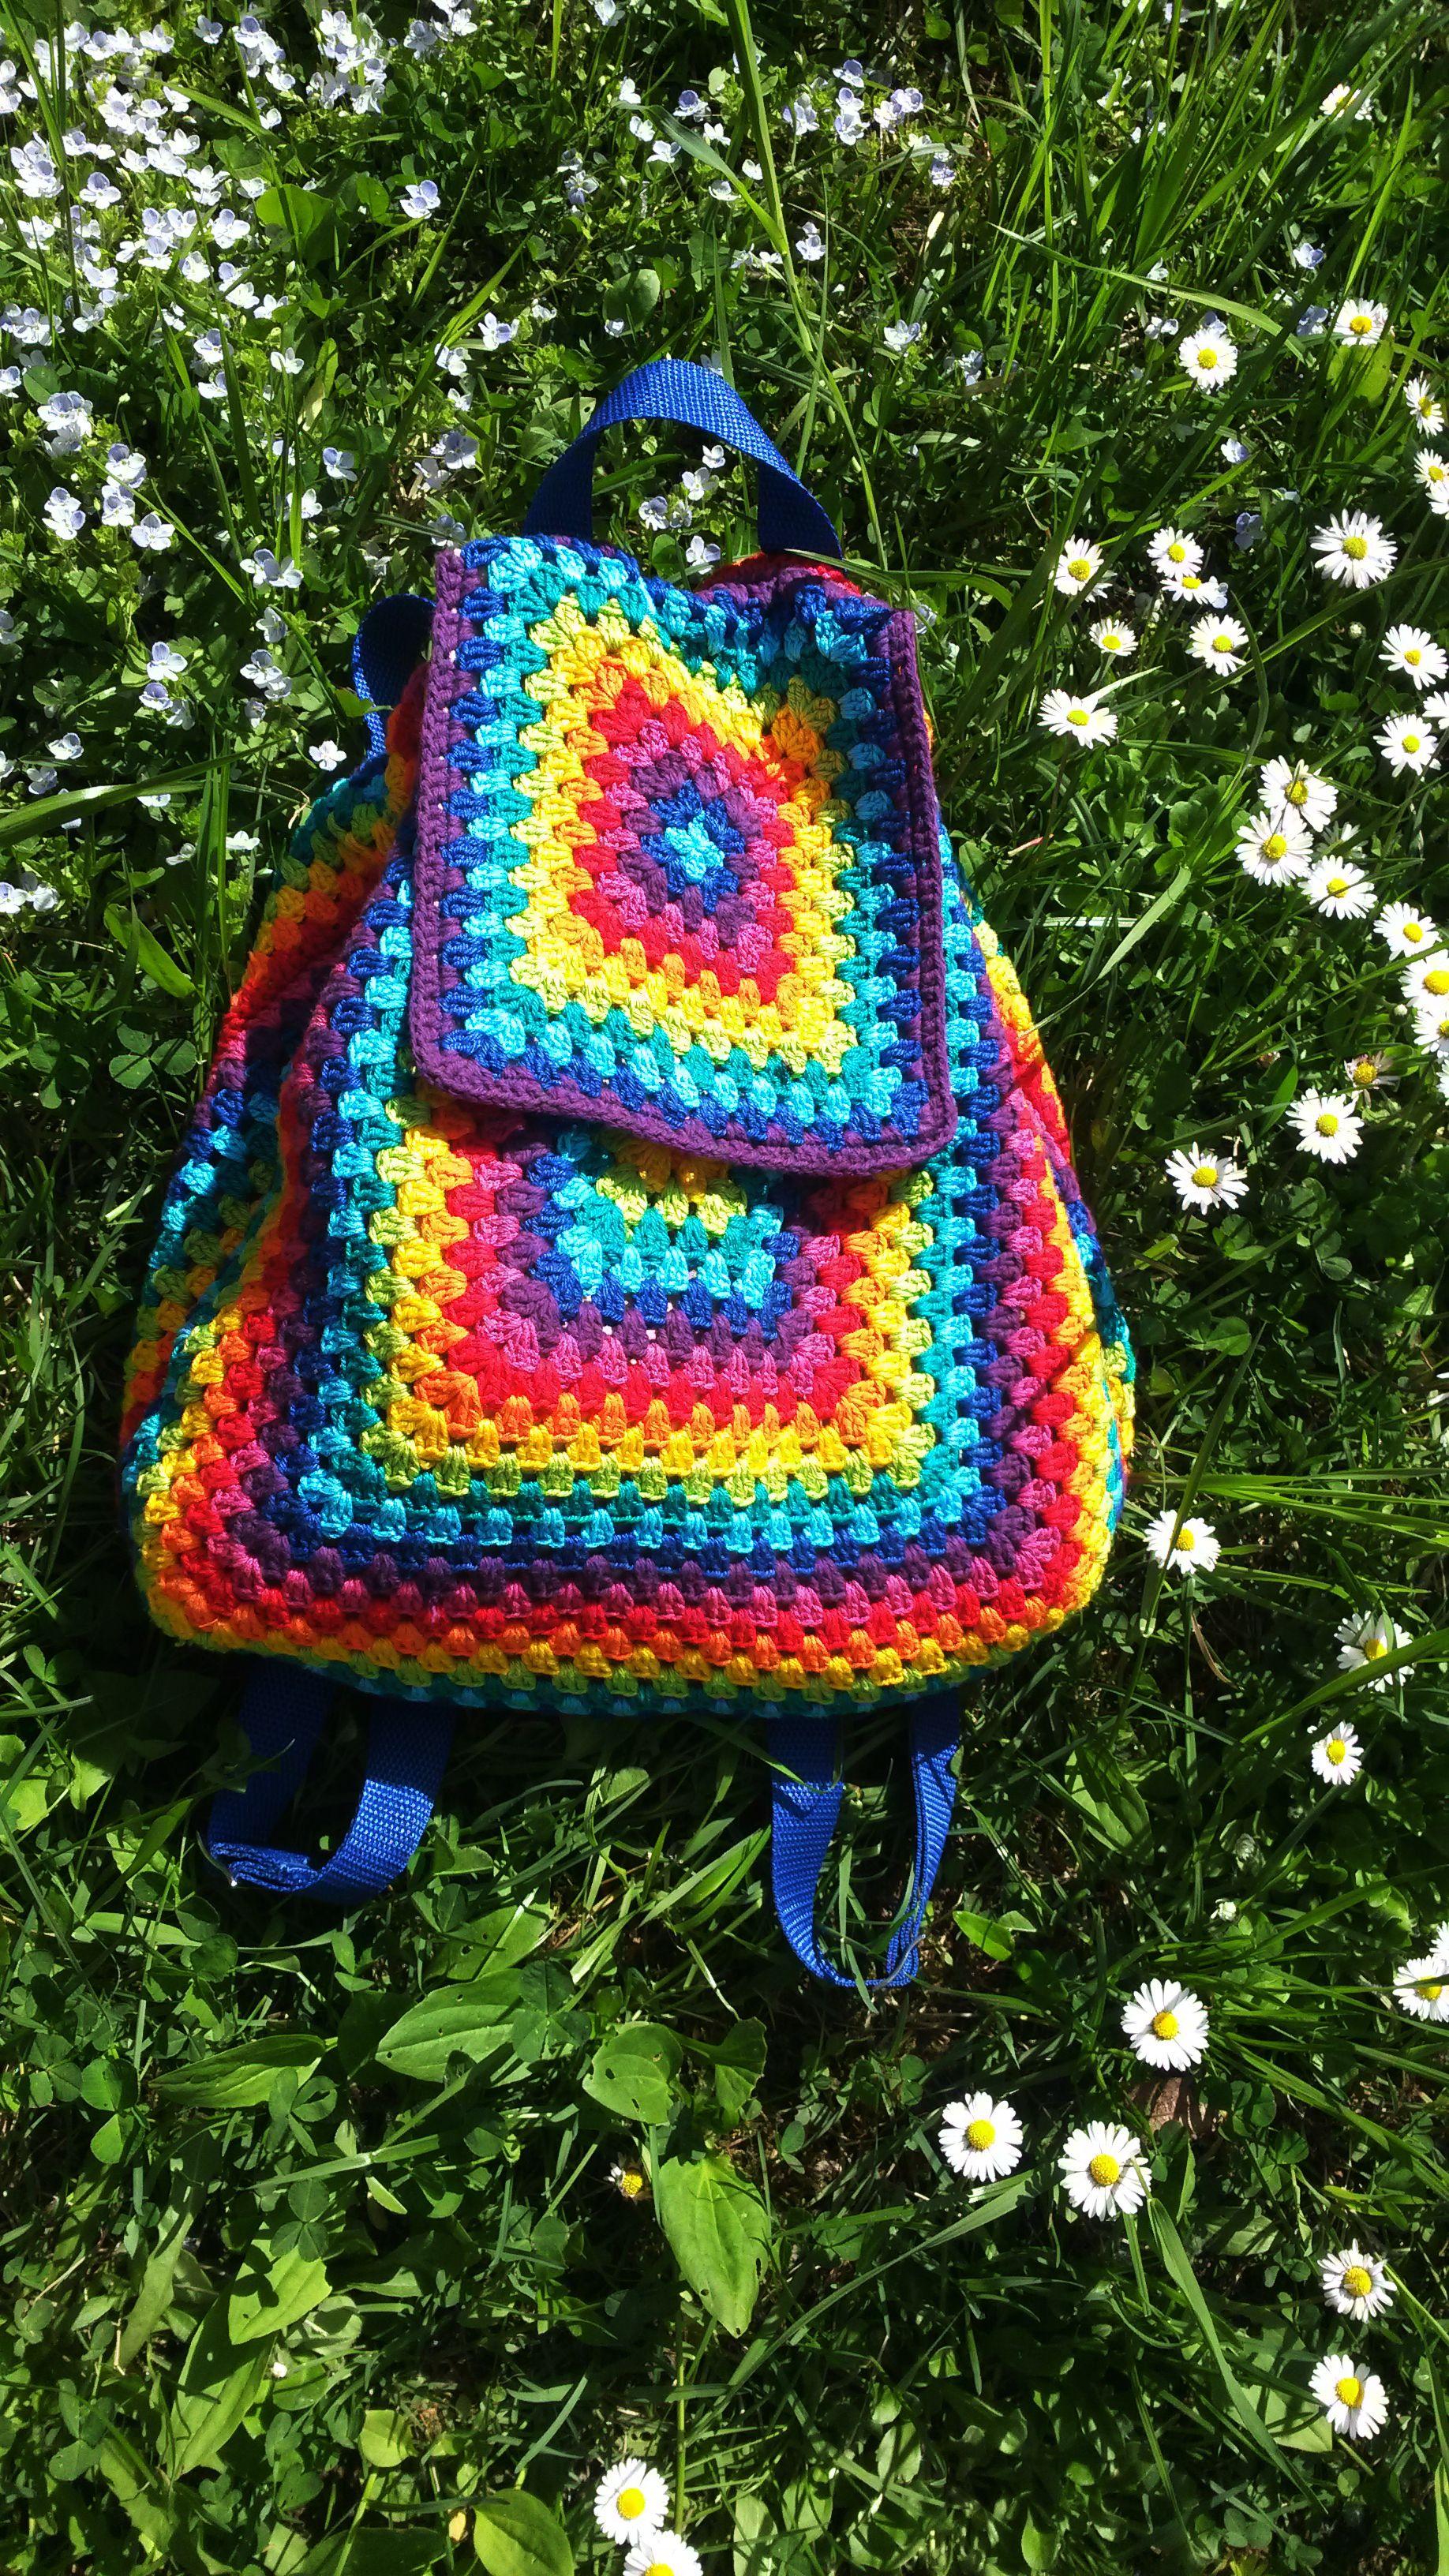 Crochet Backpack : crochet backpack fiber frenzy Pinterest